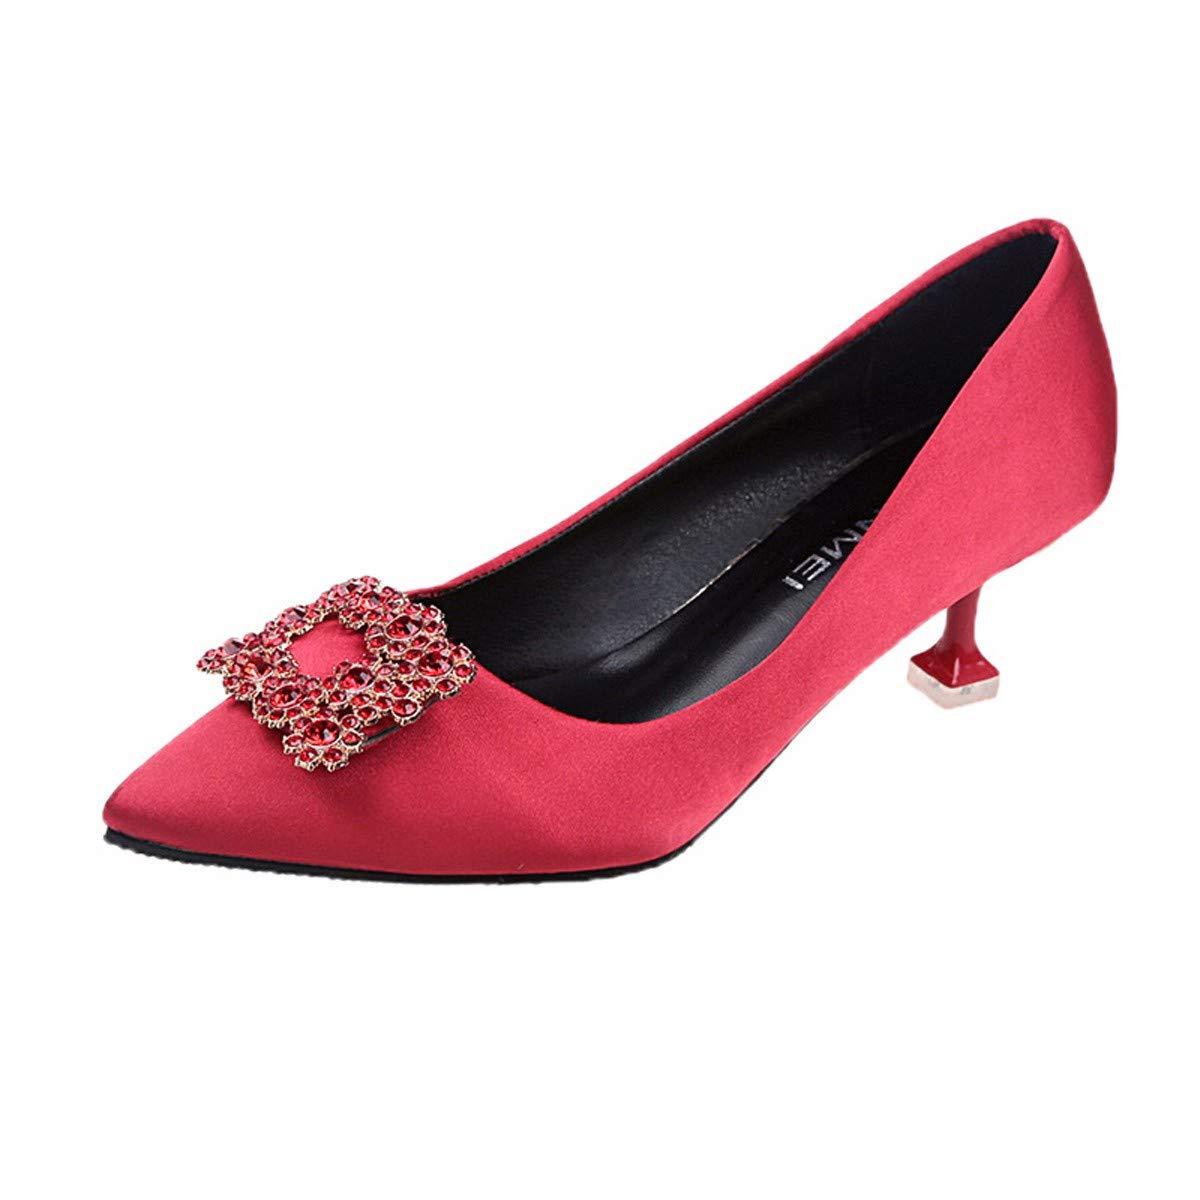 KPHY Damenschuhe Fine Hat Haare 6 cm Hochhackigen Schuhe Diamond Schnallen Flach Einzelne Schuhe Braut Die Hochzeit Schuhe s 38